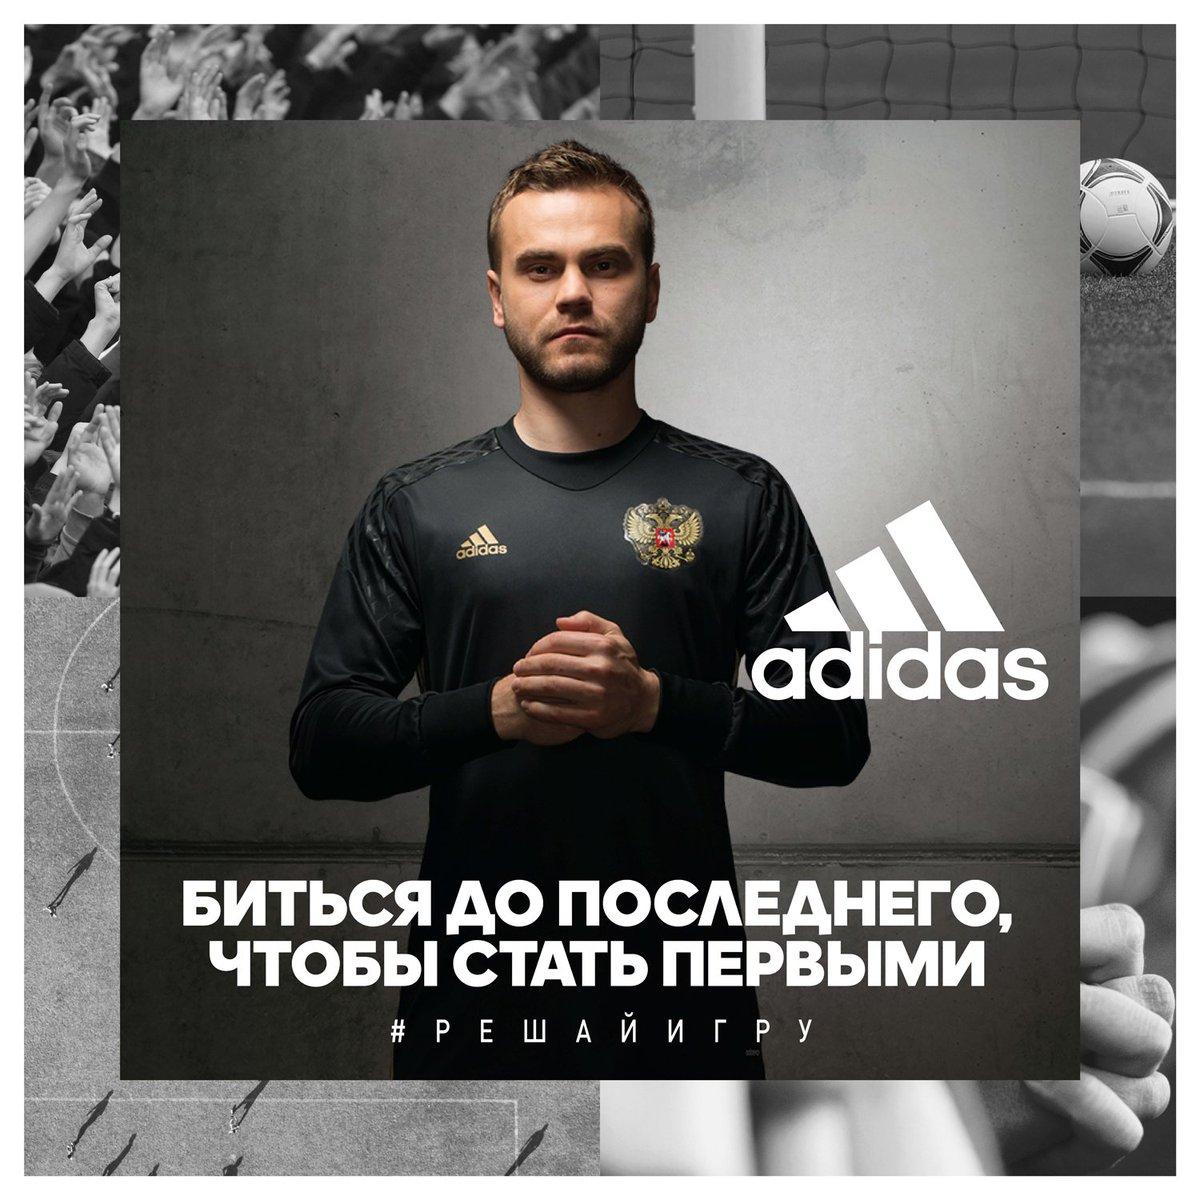 Вратарская форма сборной России на Евро-2016 будет черного цвета